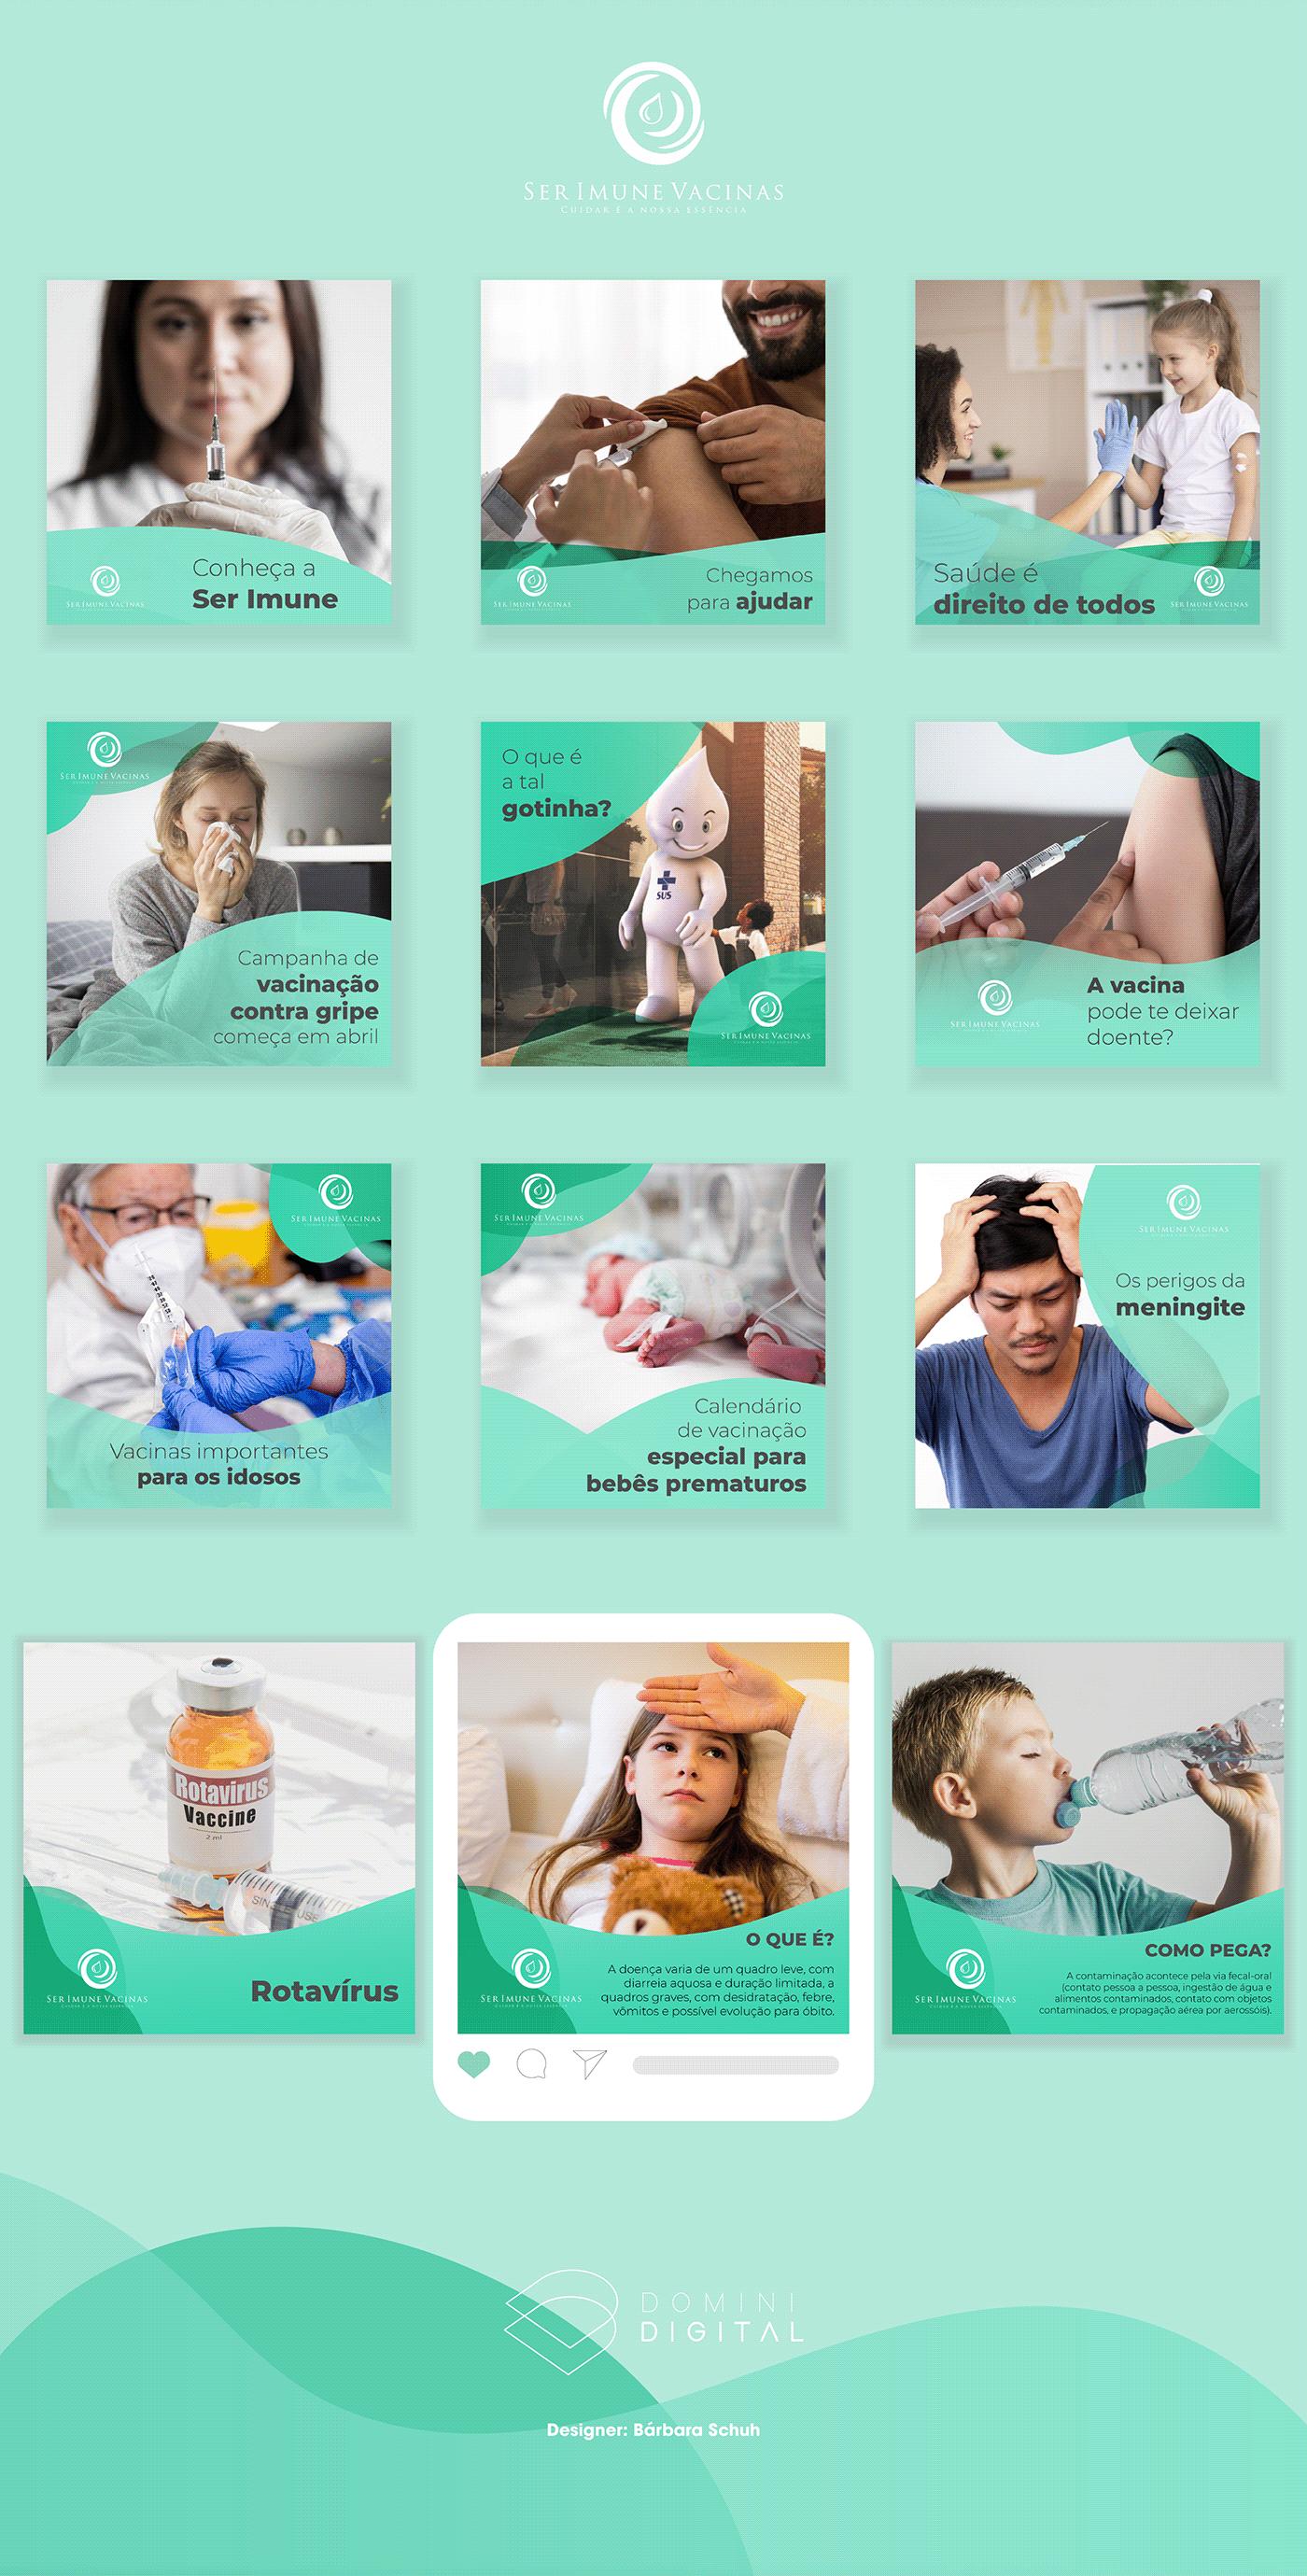 Imunidade instagram marketing digital Redes Sociais saúde ser imune social media vacina vacinação